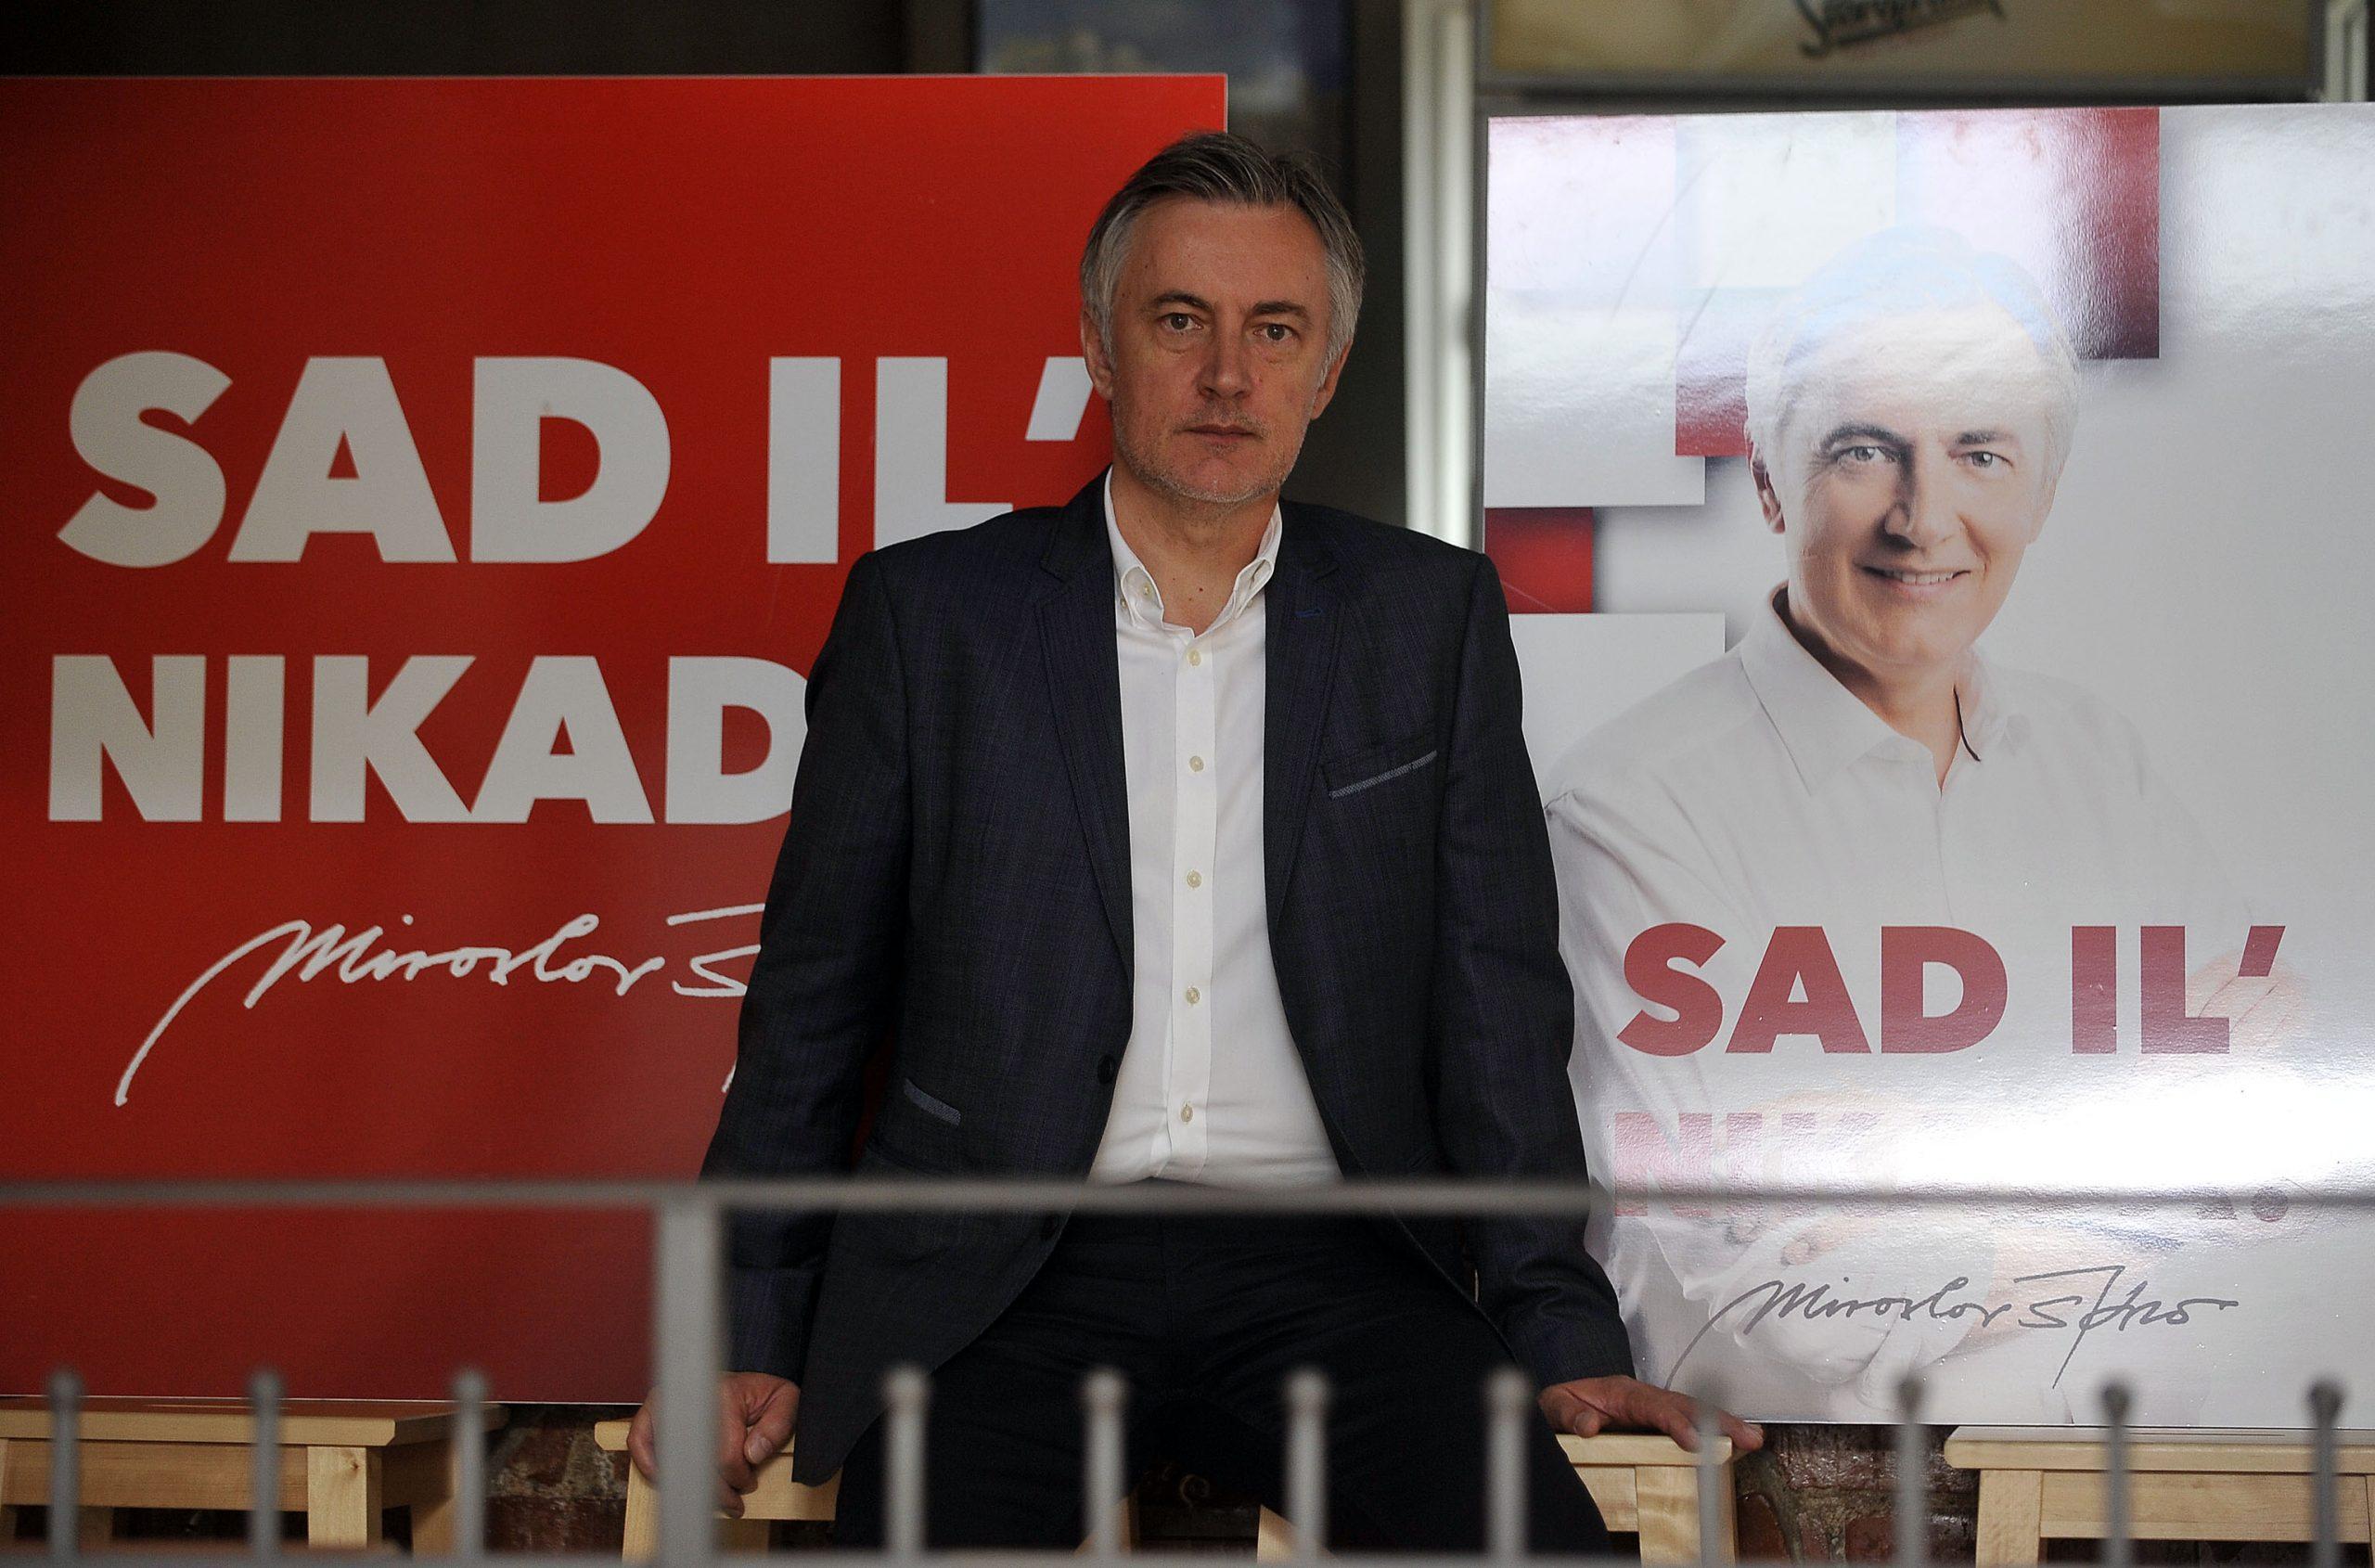 HDZ traži alternativu za Čačića Skoro-kaze-da-je-vec-prvi-dan-skupio-dovoljno-potpisa-a-sad-ga-je-podrzao-i-Jacques-Houdek-scaled